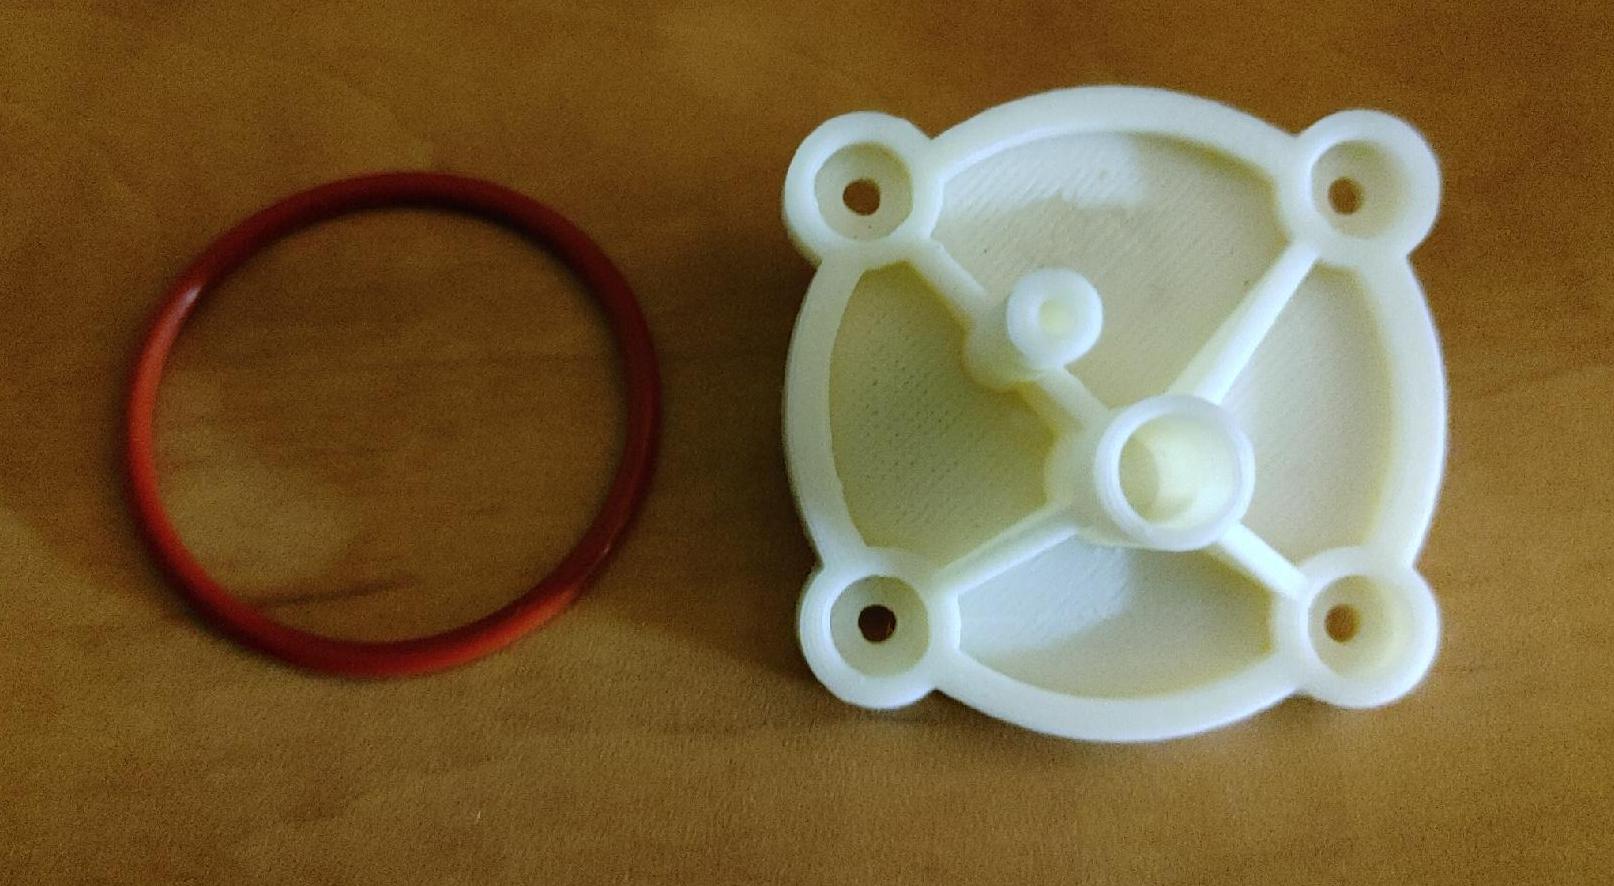 Water flow sensor cap